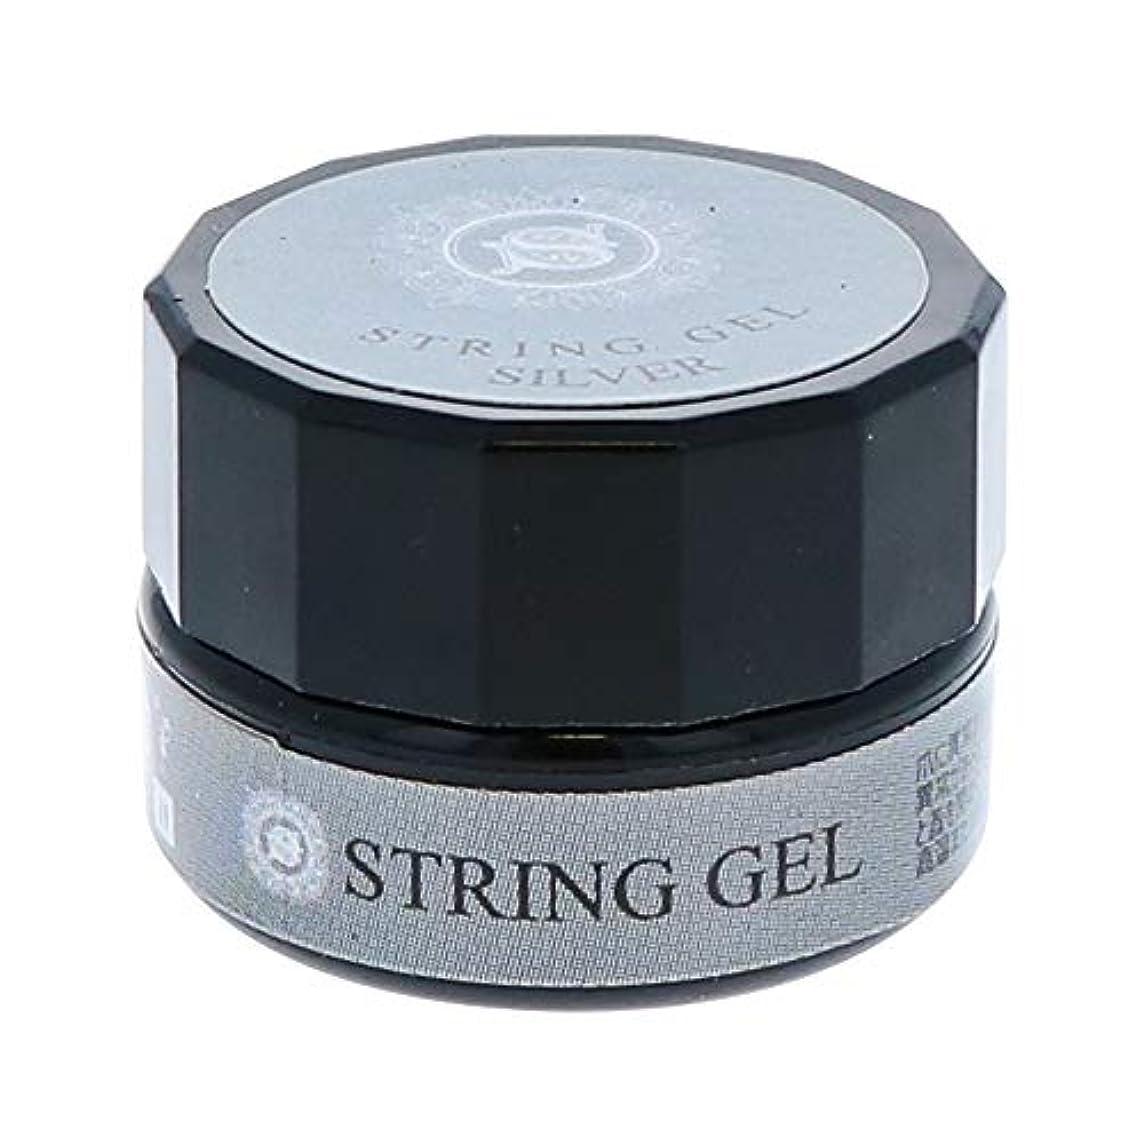 翻訳する普遍的な失態ビューティーネイラー simply string gel (silver) 2.5g QSG-2 ジェルネイル